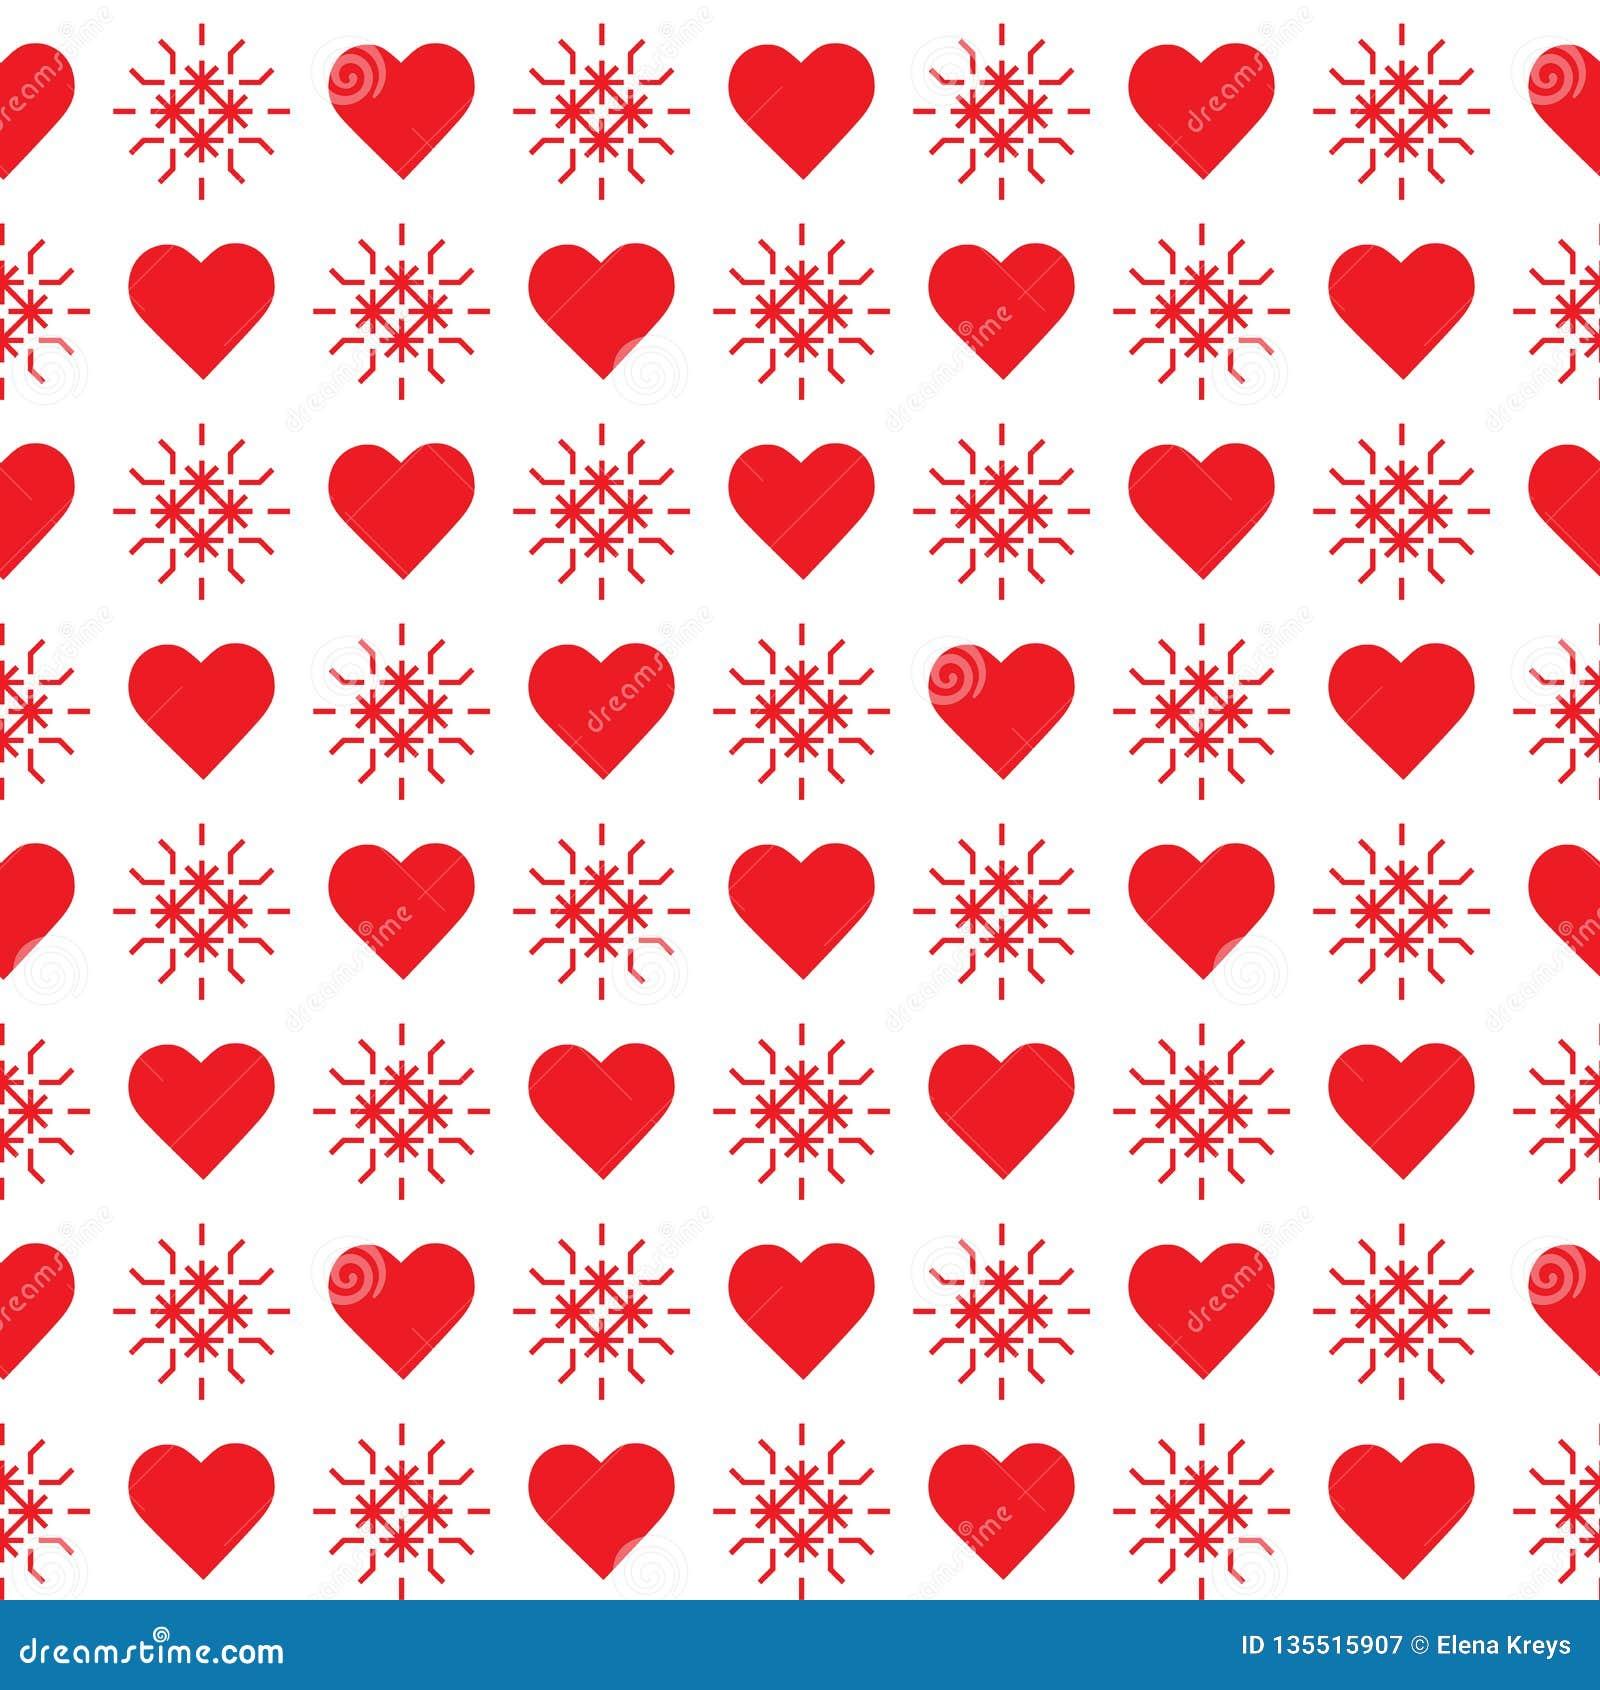 πρότυπο καρδιών άνευ ραφής θηλυκός βαλεντίνος τεσσάρων καρδιών s χεριών ημέρας κραγιονιών